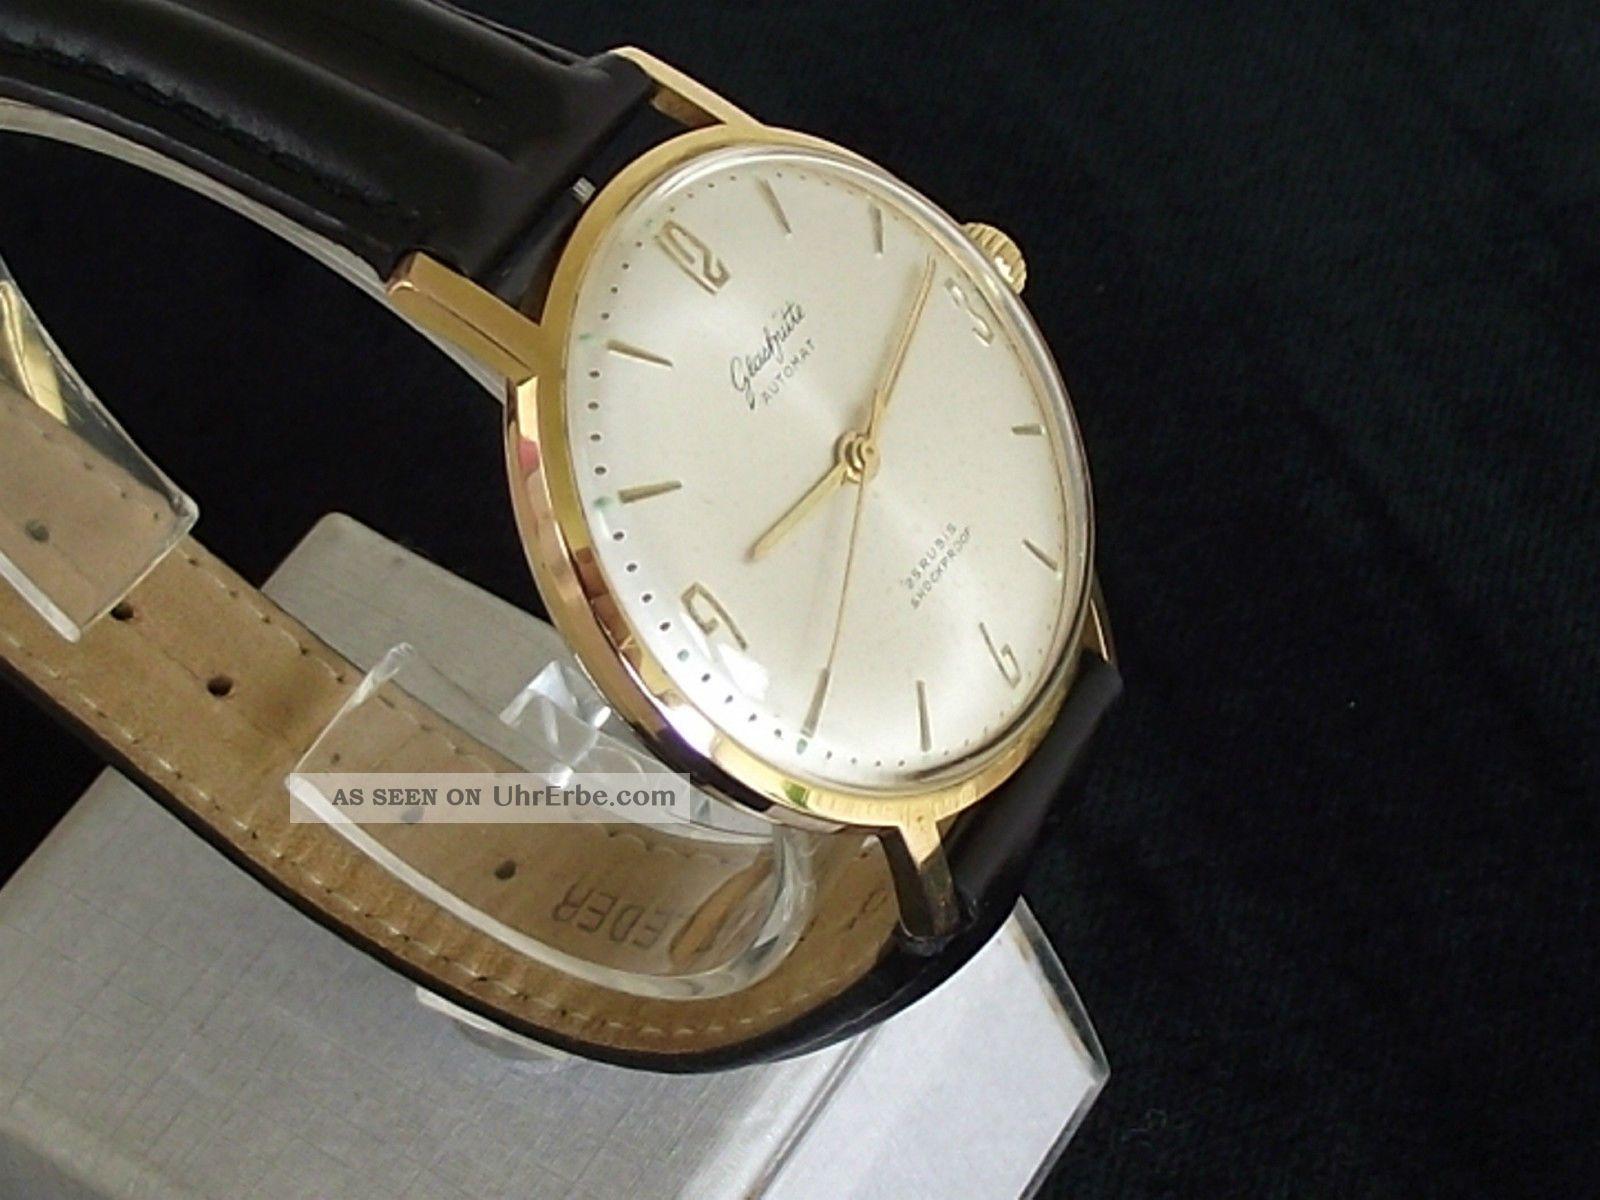 """Große,  Wunderschöne """"sonnenschliff"""" Gub GlashÜtte Automat Herrenuhr Kal.  68.  1 Armbanduhren Bild"""